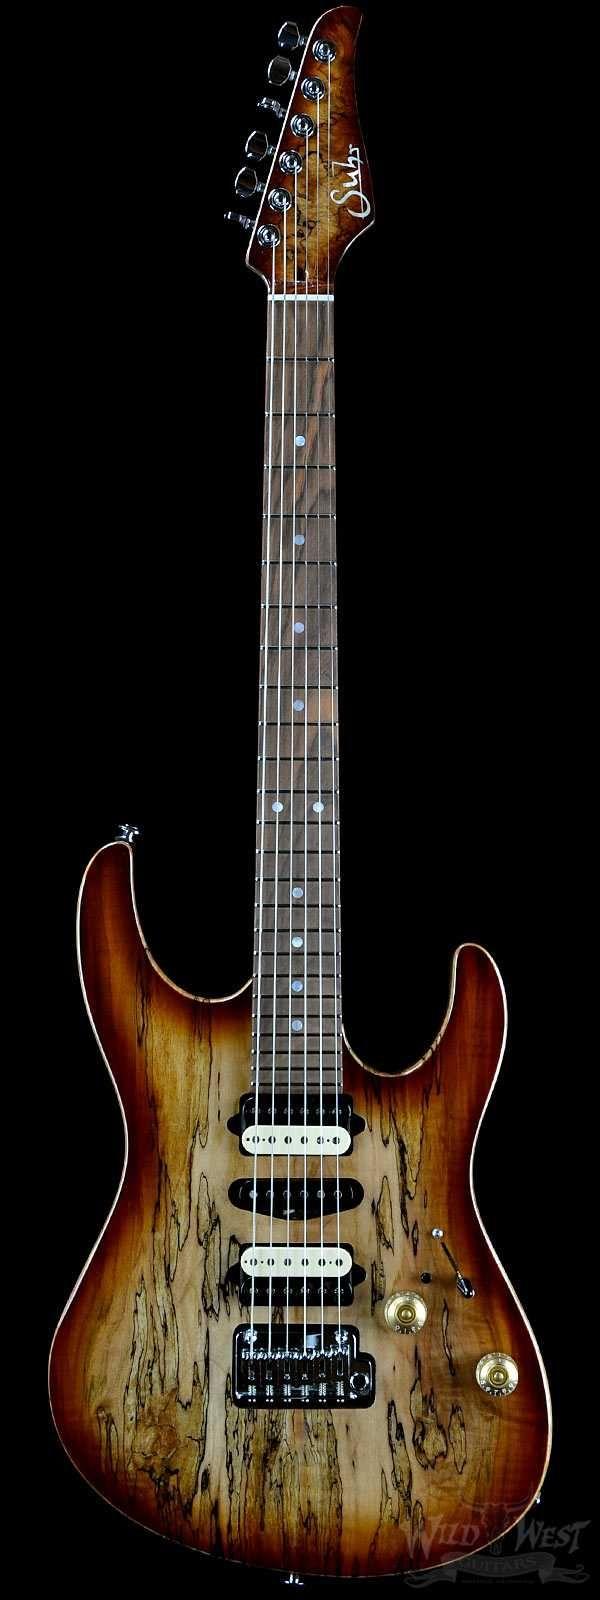 87 best guitar rig images on pinterest guitars guitar amp and bass guitars. Black Bedroom Furniture Sets. Home Design Ideas